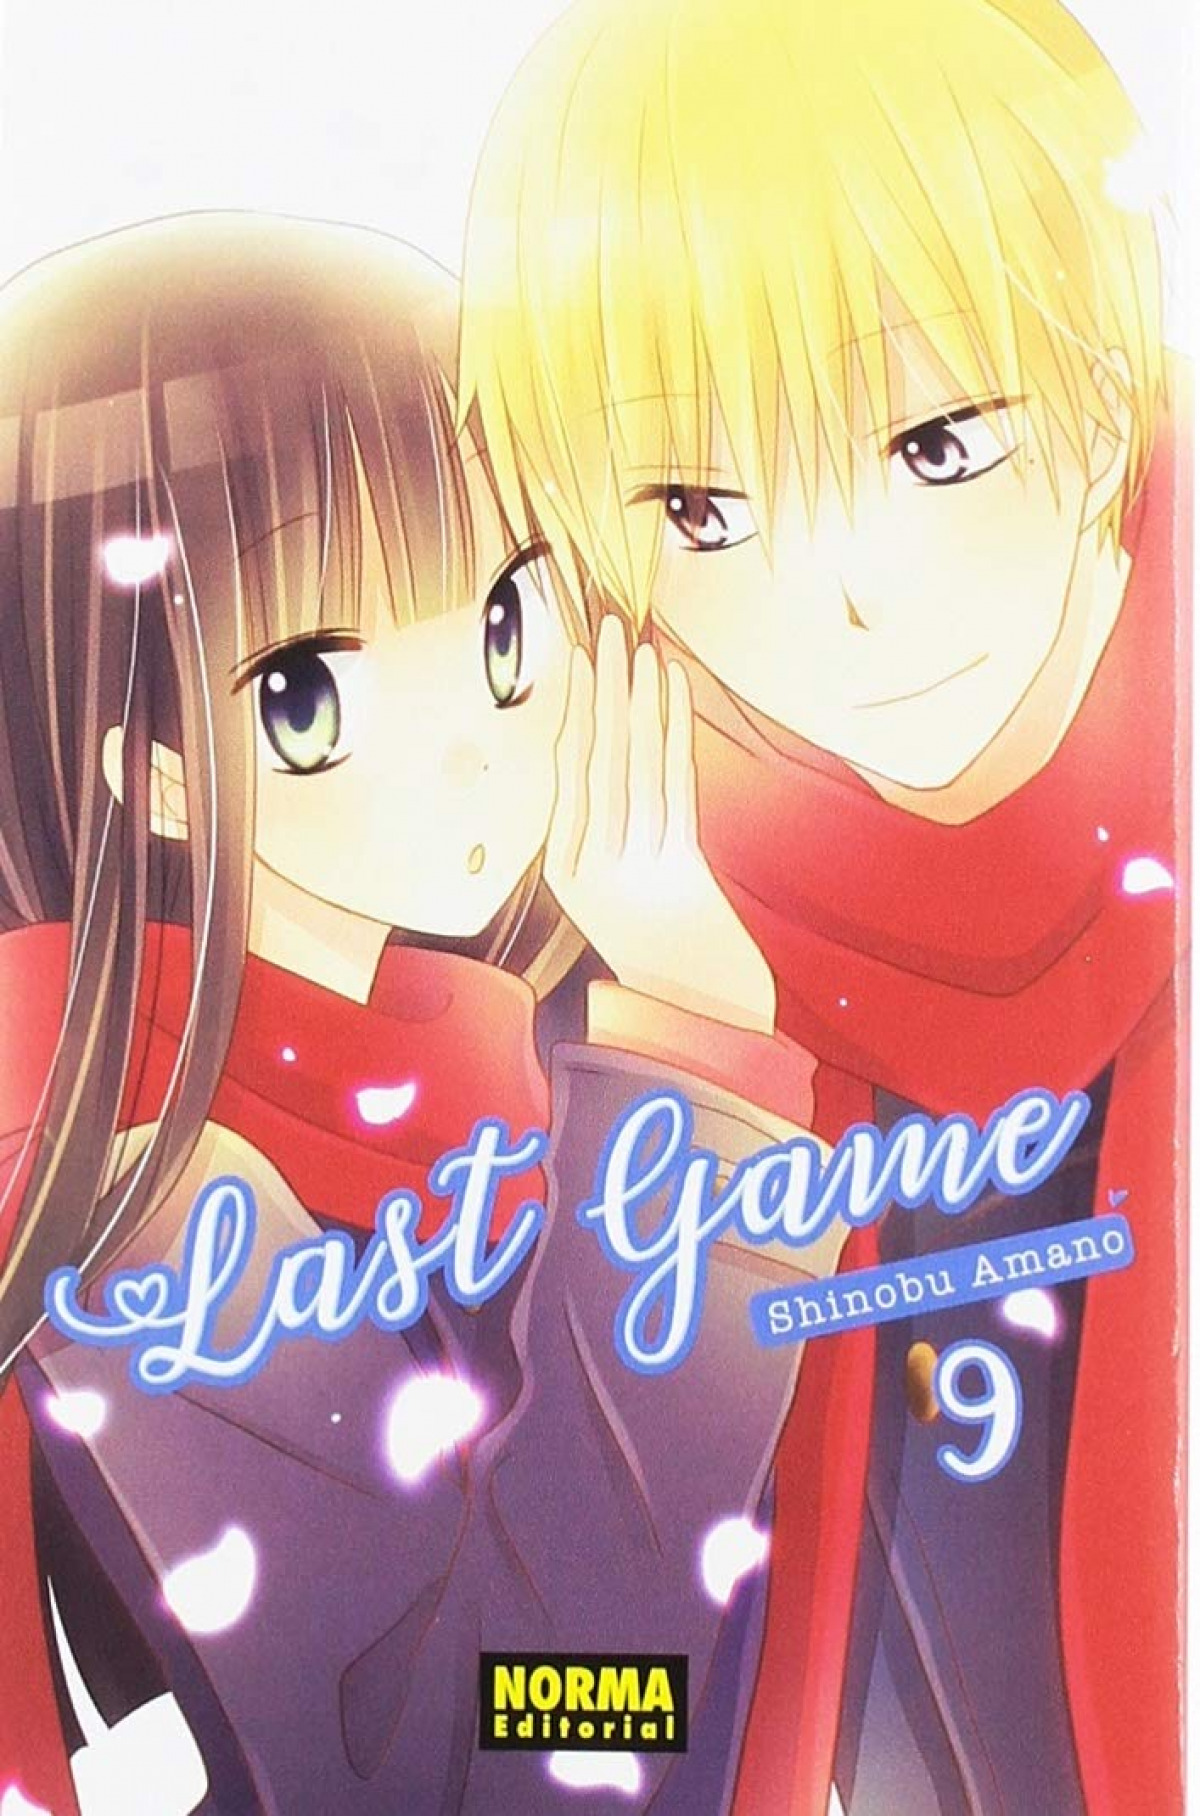 LAST GAME 9